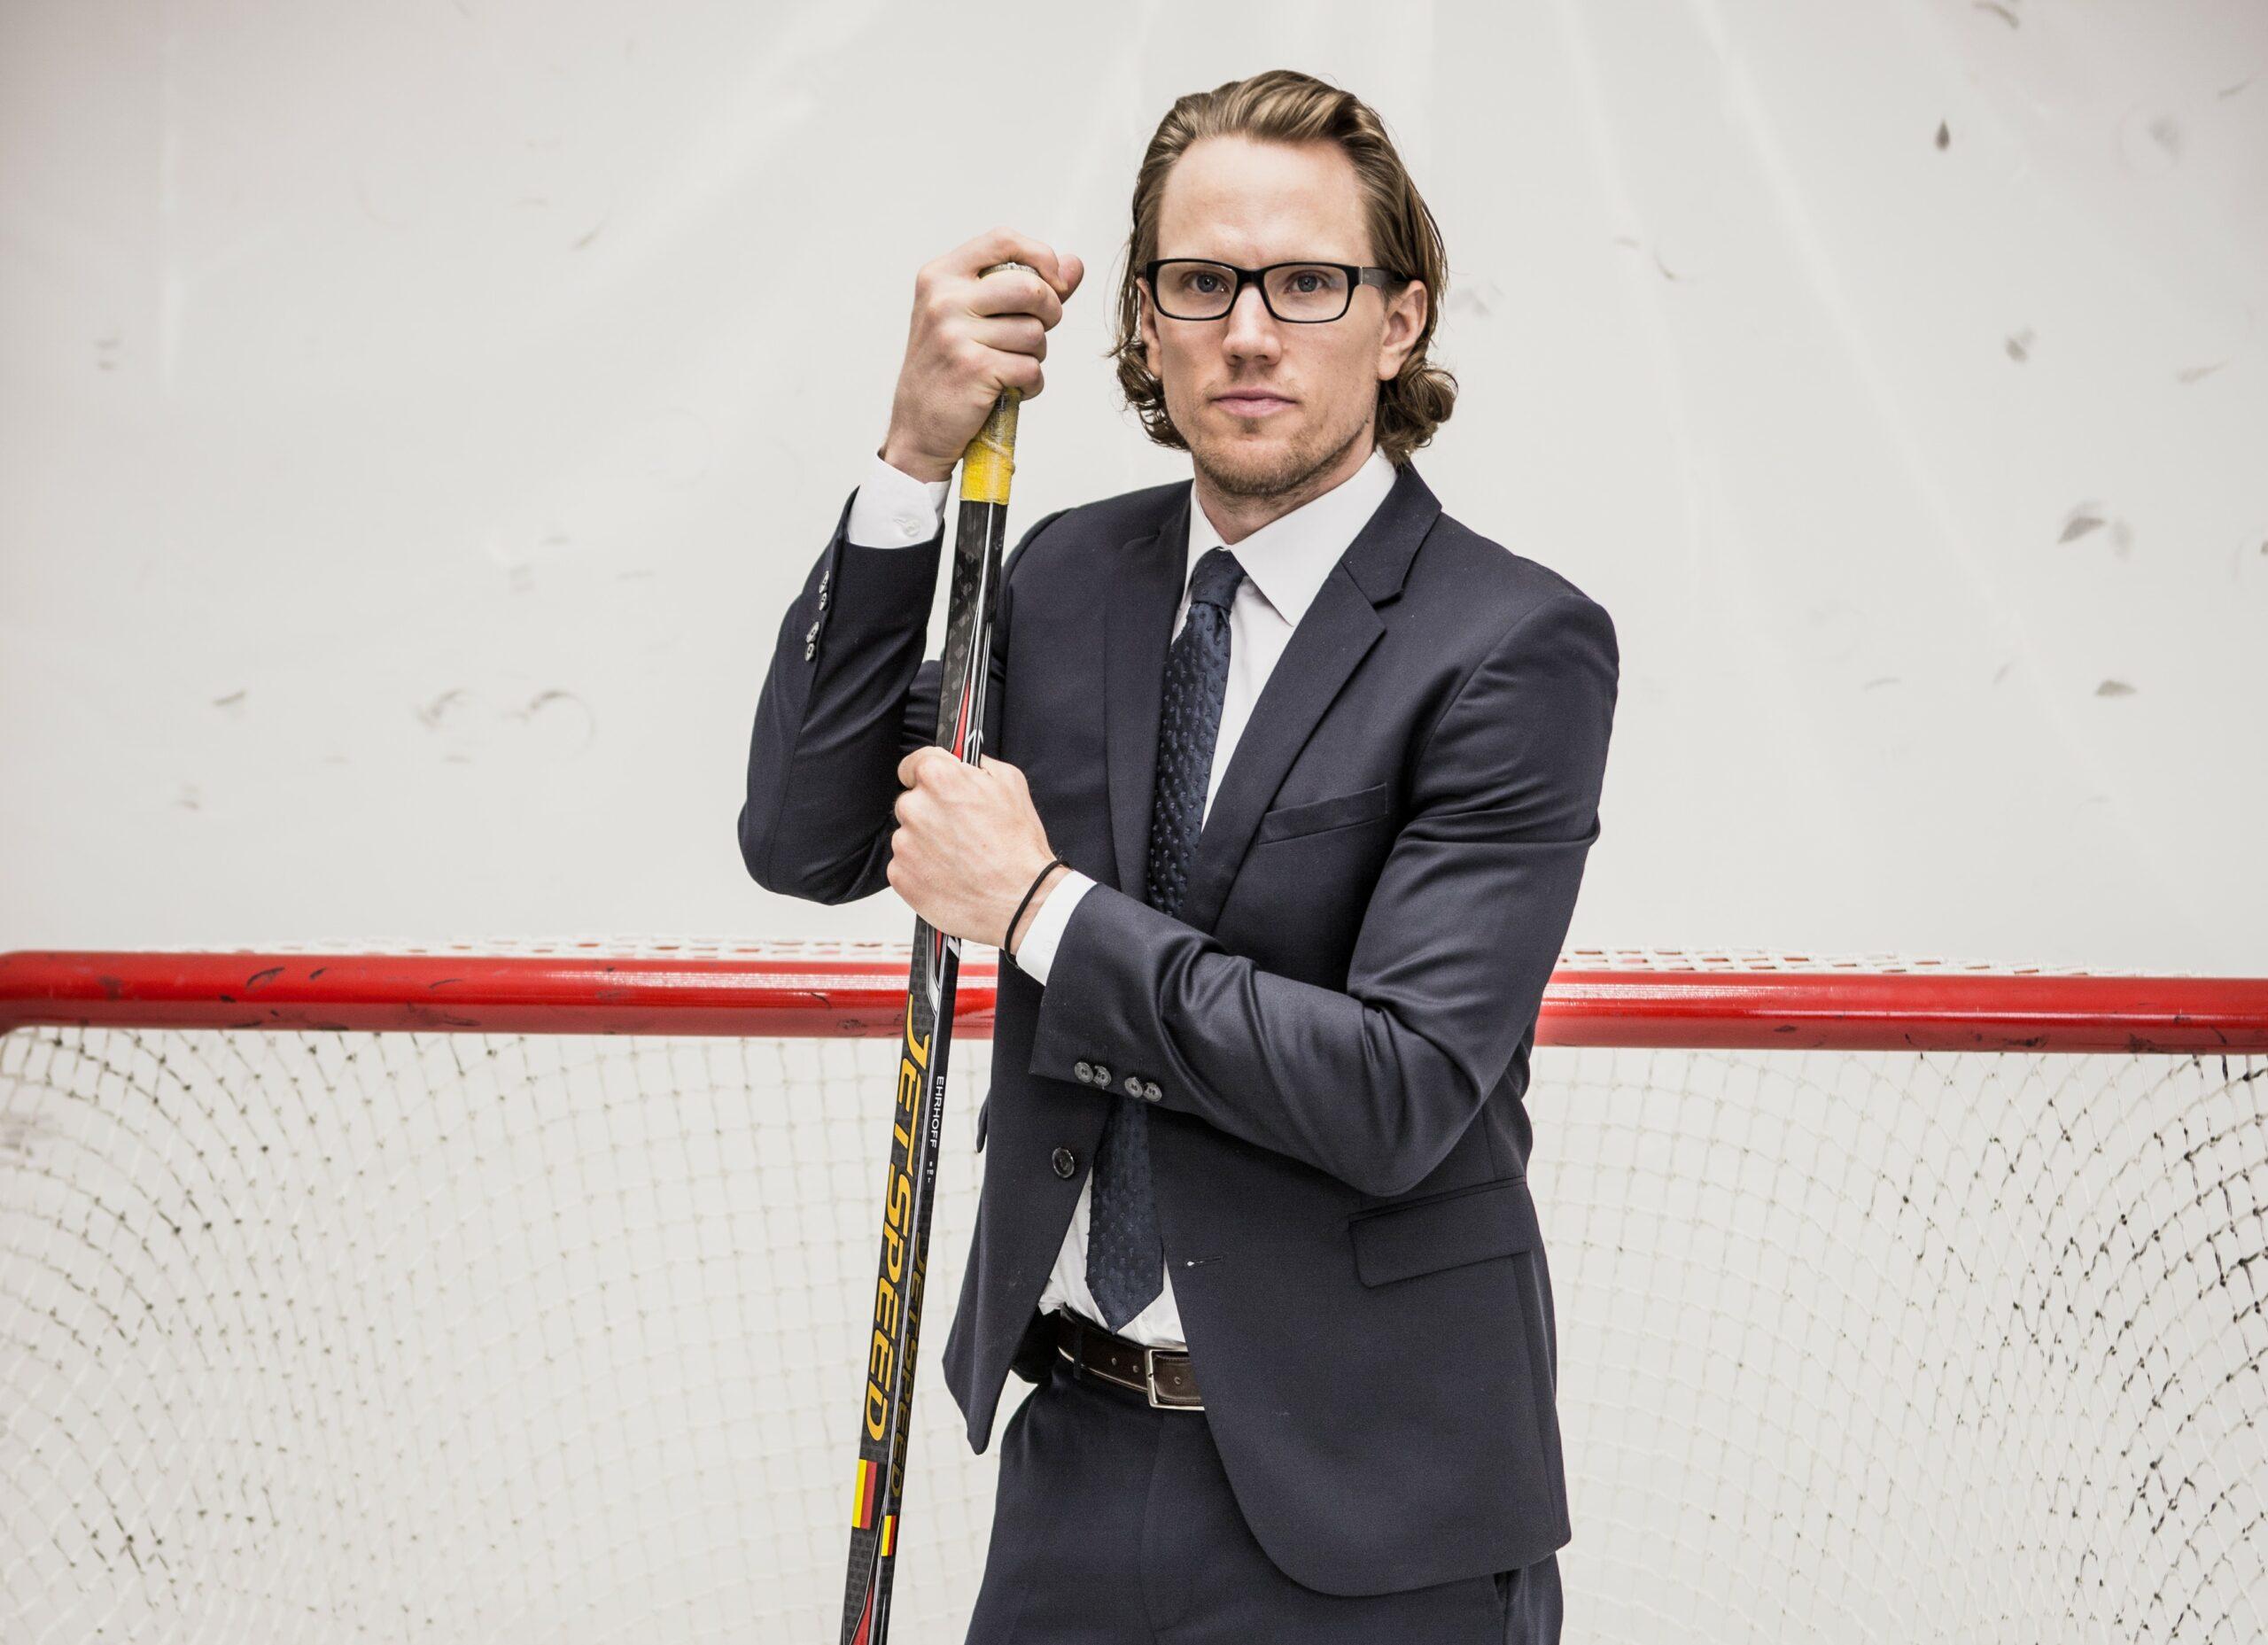 Eishockey-Profi Christian Ehrhoff – Wir können die Zukunft selbst gestalten!